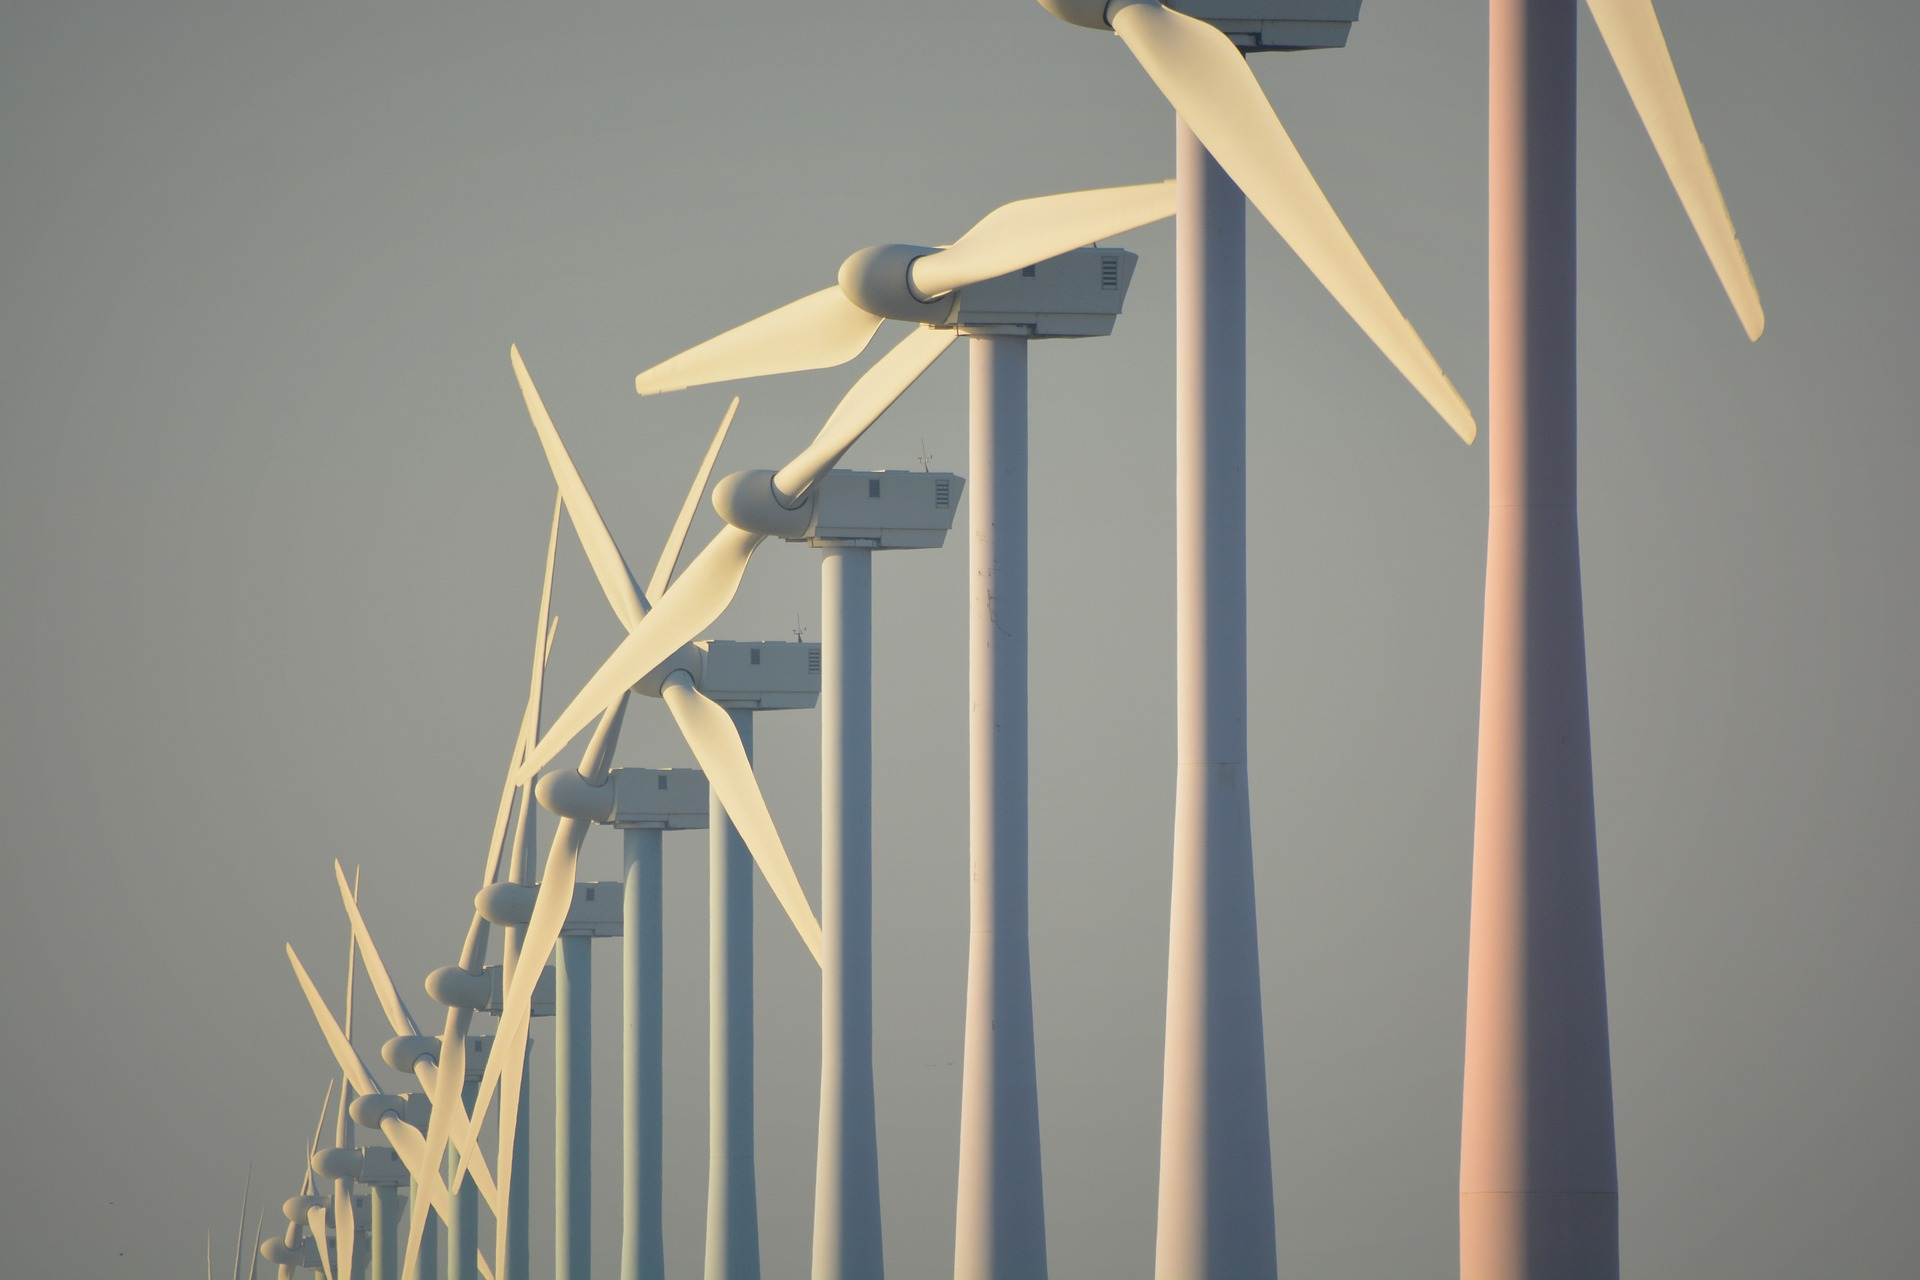 Routekaart windenergie op zee 2030